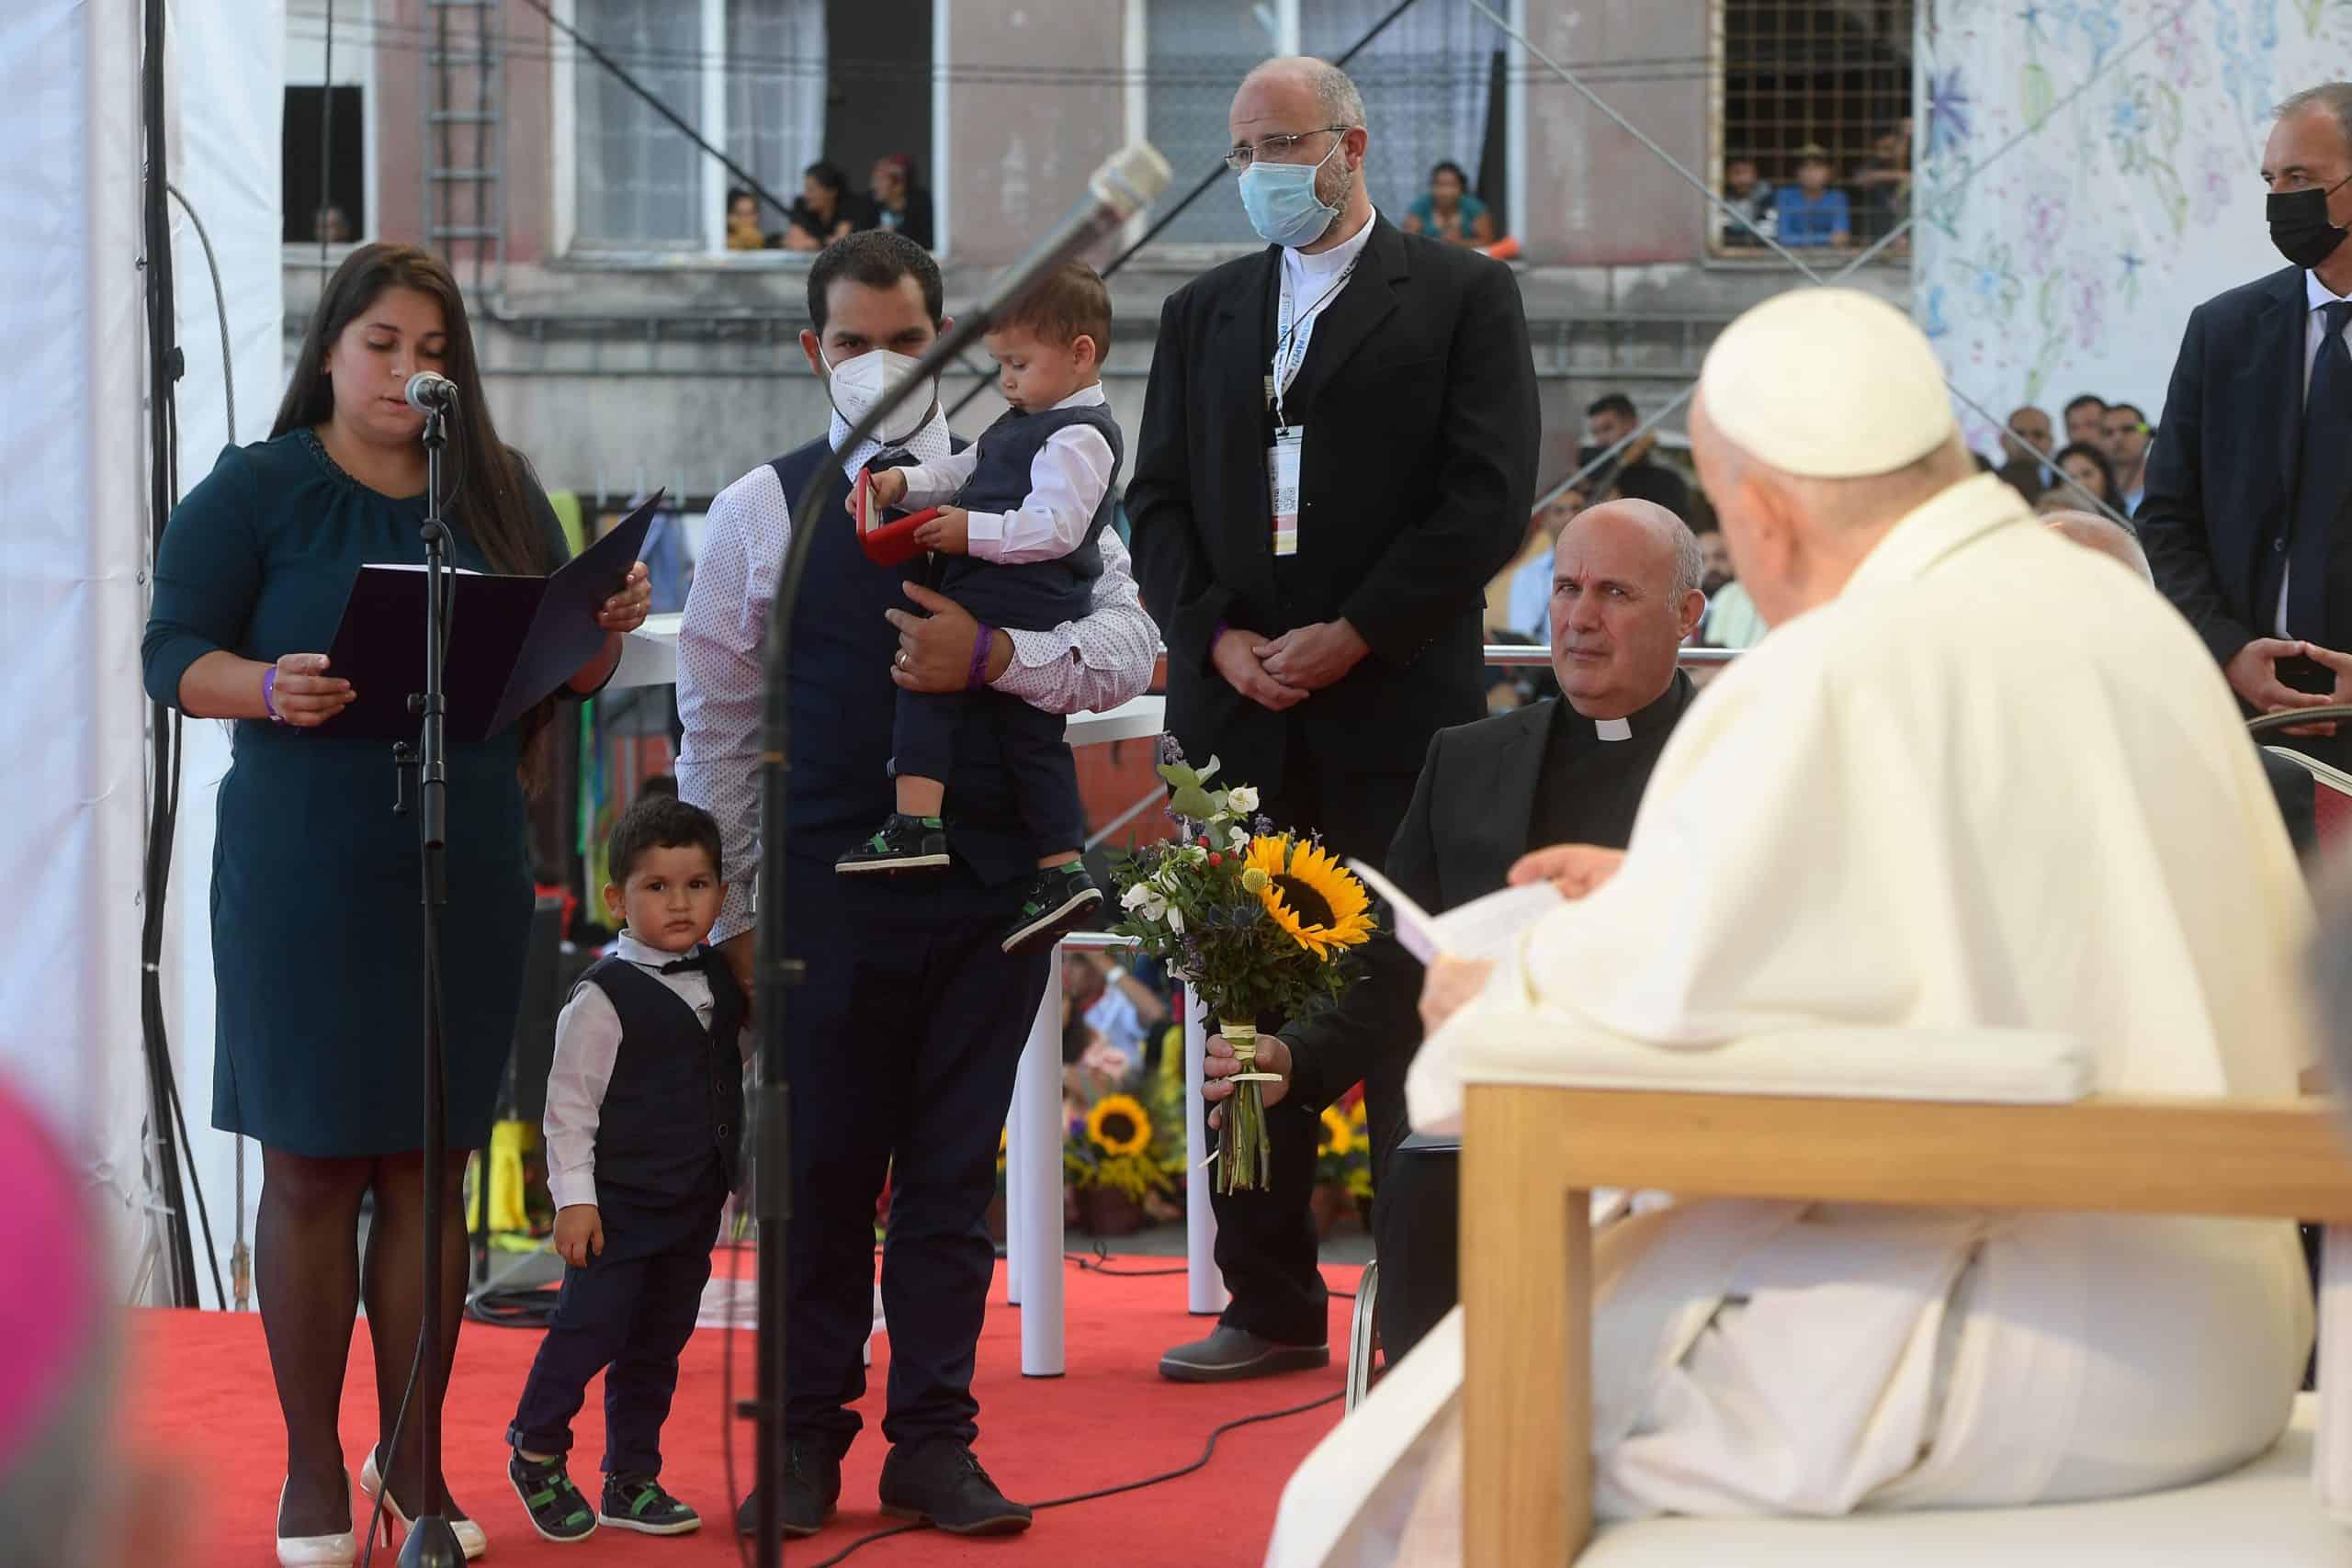 Después de su visita apostólica a Hungría y Slovakia, el papa respondió preguntas sobre la comunión y eucaristía en el avión papal.